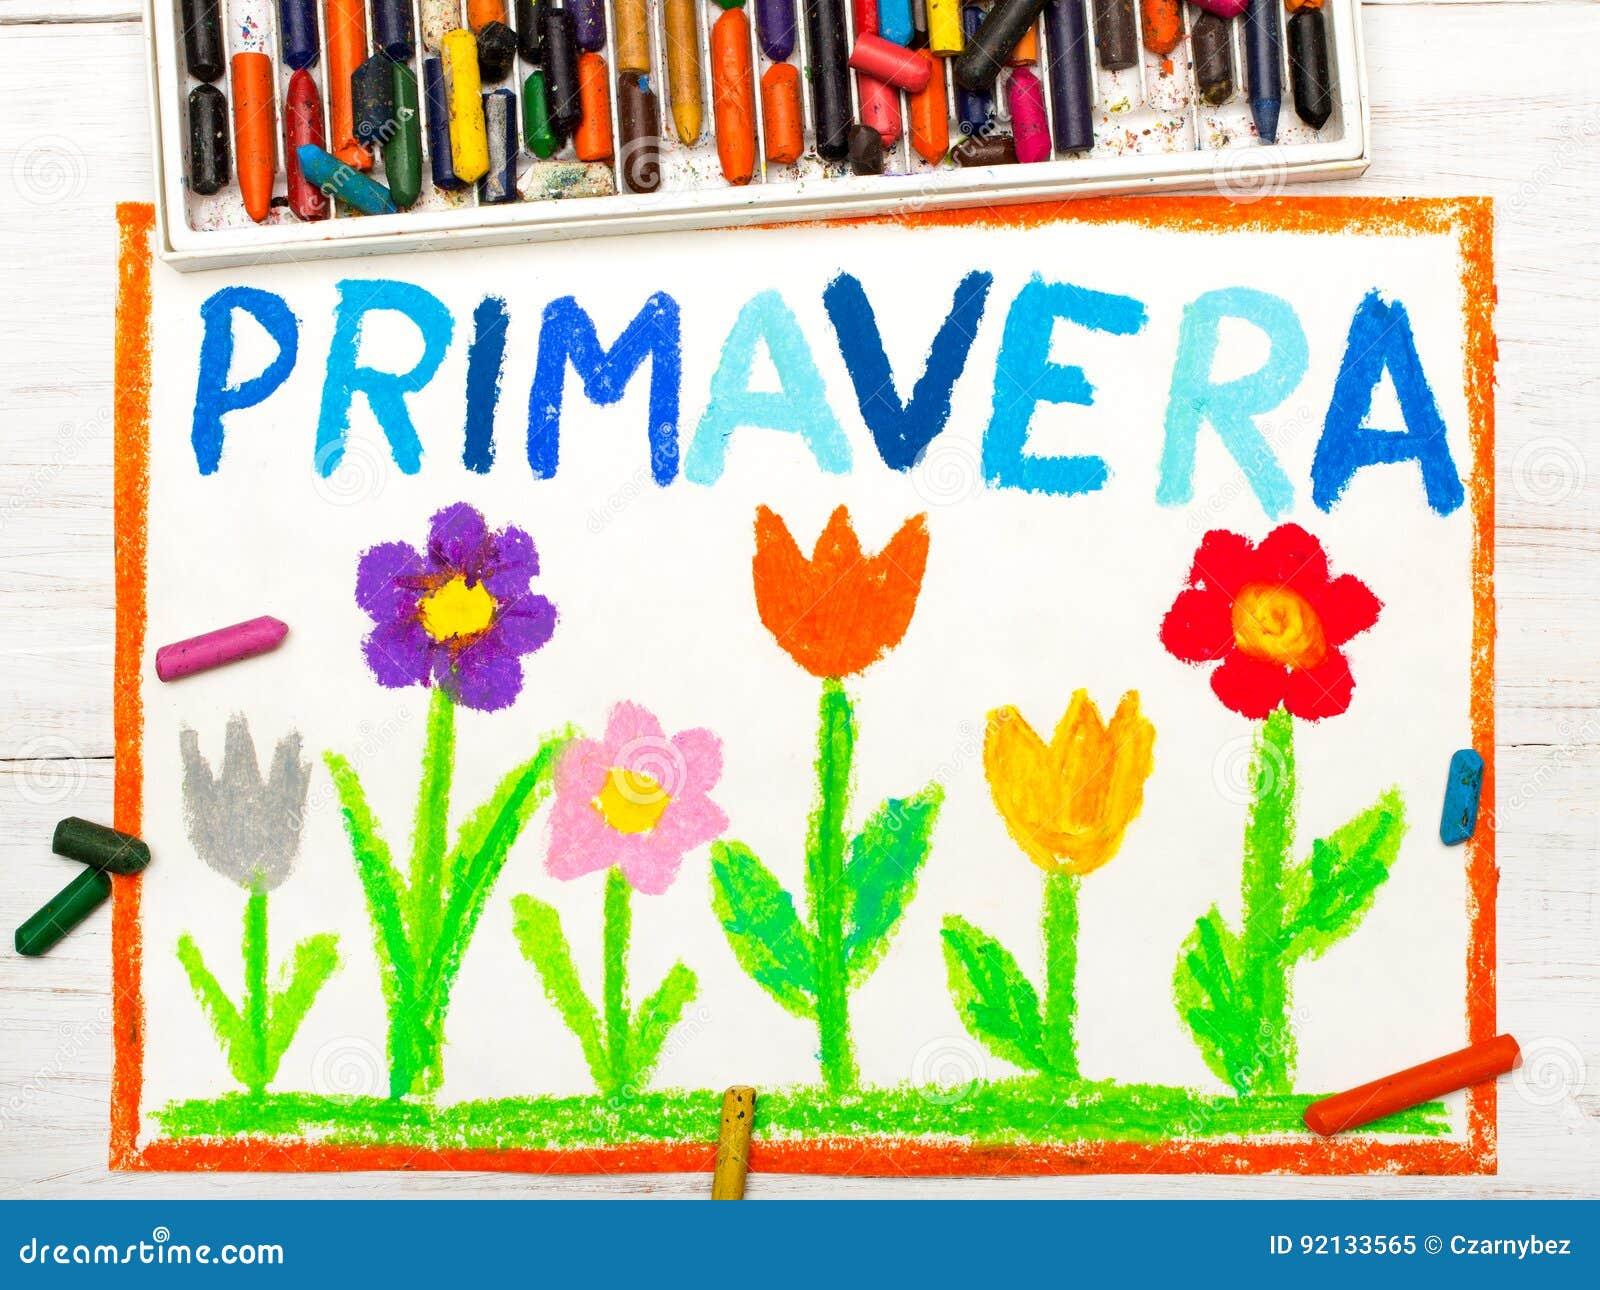 Preferência Desenho Colorido: Mola Da Palavra PRIMAVERA Ilustração Stock  QB36